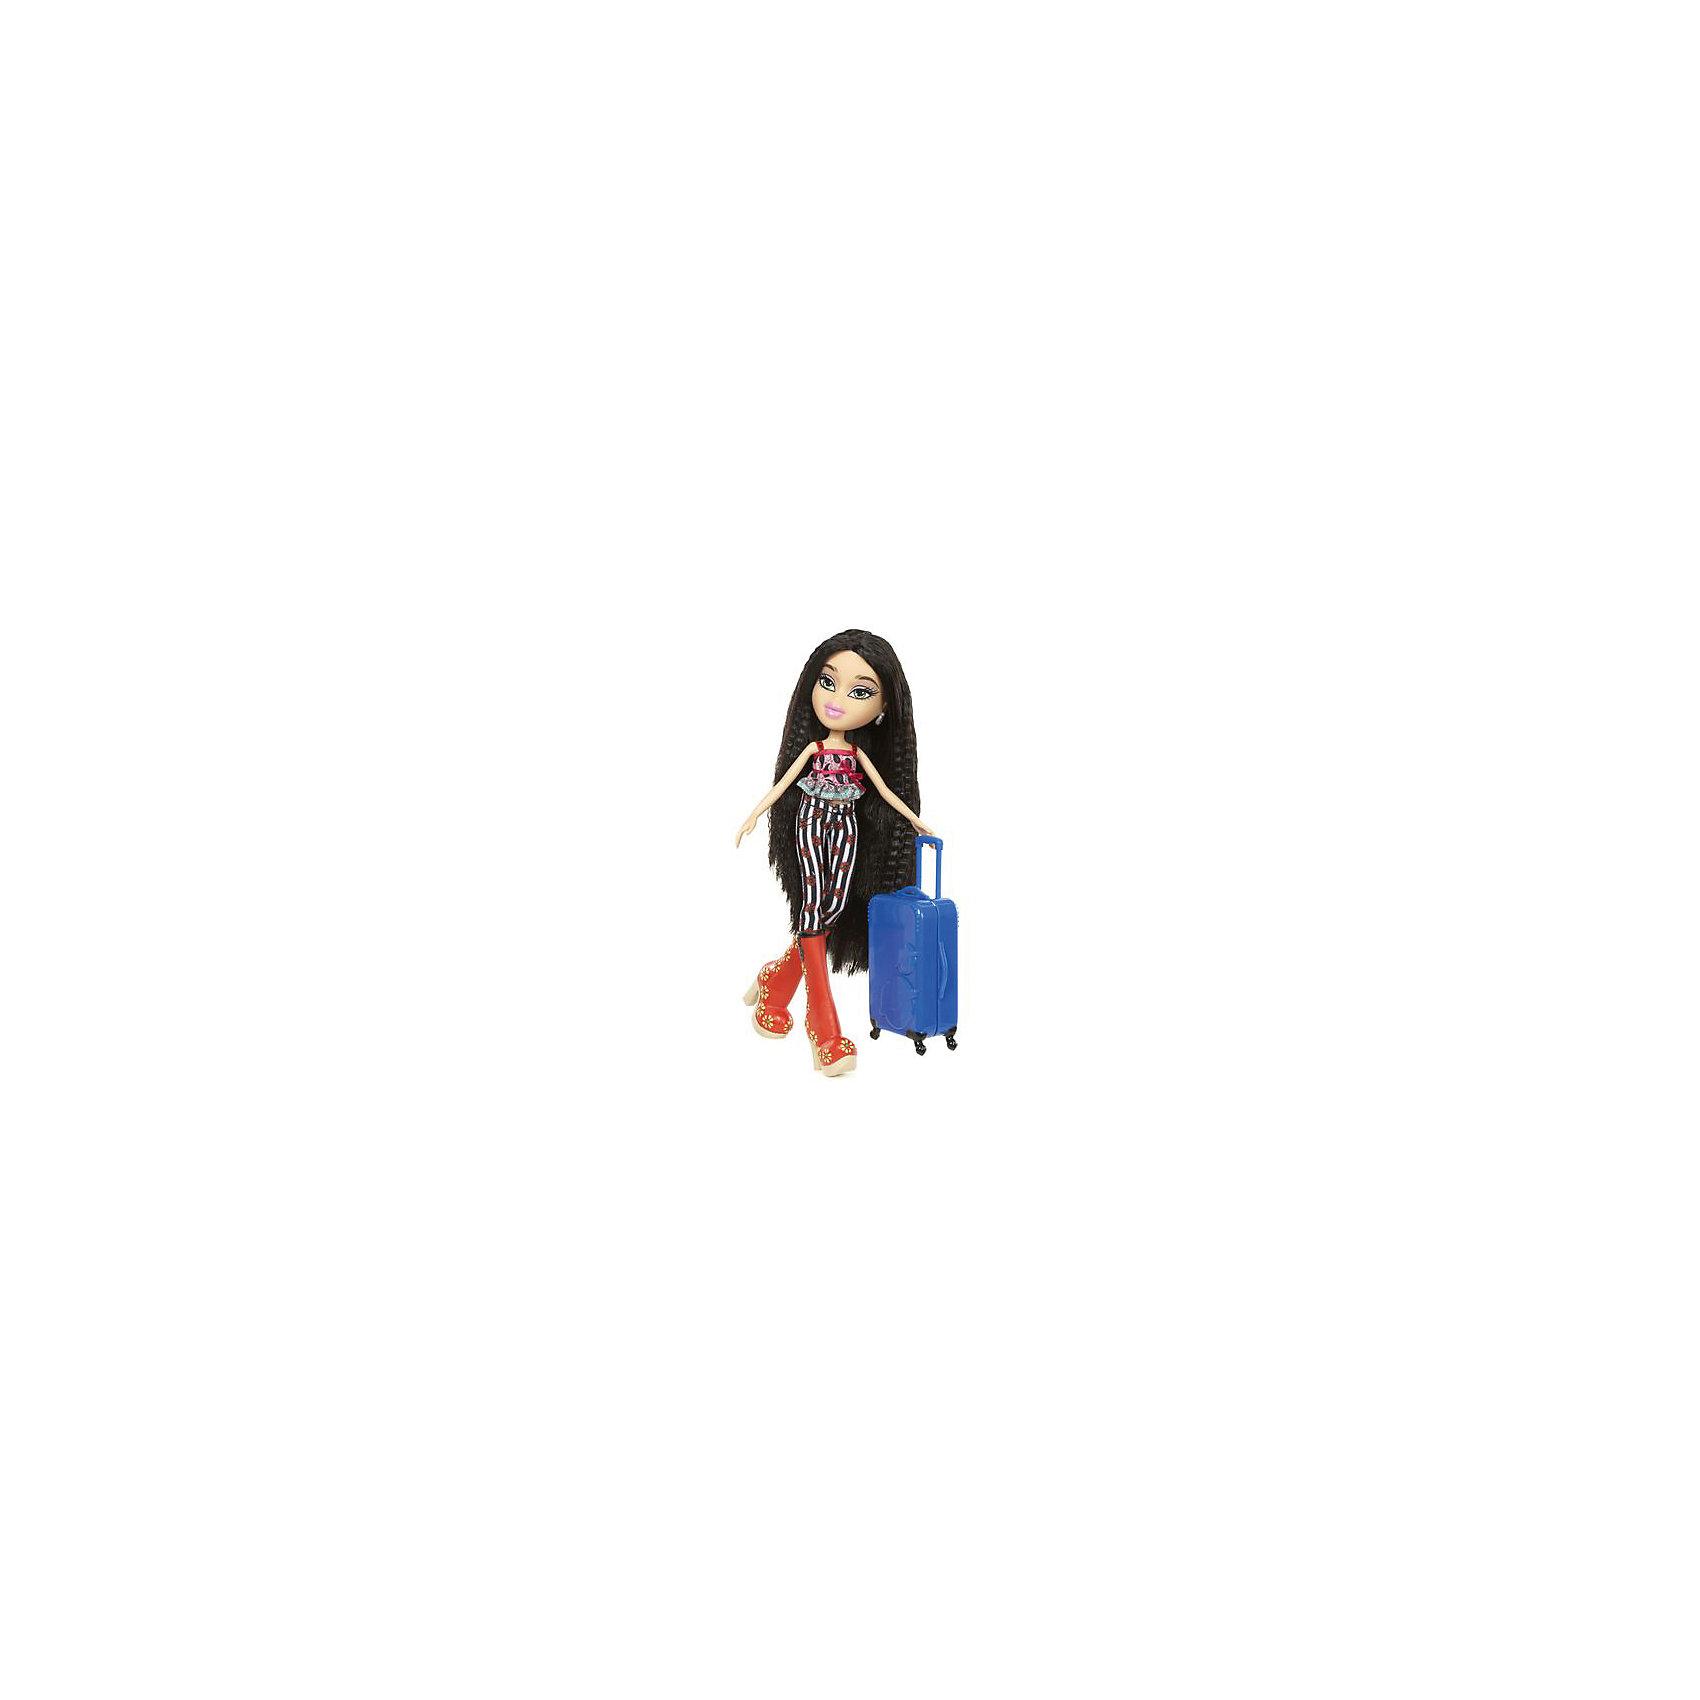 Кукла делюкс Джей, В путешествии, BratzКуклы-модели<br>Характеристики товара:<br><br>- цвет: разноцветный;<br>- материал: пластик, текстиль;<br>- тематика: путешествие по России;<br>- особенности: руки и ноги сгибаются;<br>- комплектация: кукла, два набора одежды, аксессуары, чемодан;<br>- размер упаковки: 26х32х6 см;<br>- размер куклы: 27 см.<br><br>Такие красивые куклы не оставят ребенка равнодушным! Какая девочка откажется поиграть с куклой Bratz?! Игрушка отлично детализирована, очень качественно выполнена, поэтому она станет отличным подарком ребенку. В наборе идут одежда и аксессуары, которыми можно украсить куклу!<br>Изделие произведено из высококачественного материала, безопасного для детей.<br><br>Куклу делюкс Джей, В путешествии от бренда Bratz можно купить в нашем интернет-магазине.<br><br>Ширина мм: 260<br>Глубина мм: 320<br>Высота мм: 60<br>Вес г: 540<br>Возраст от месяцев: 48<br>Возраст до месяцев: 2147483647<br>Пол: Женский<br>Возраст: Детский<br>SKU: 5040285